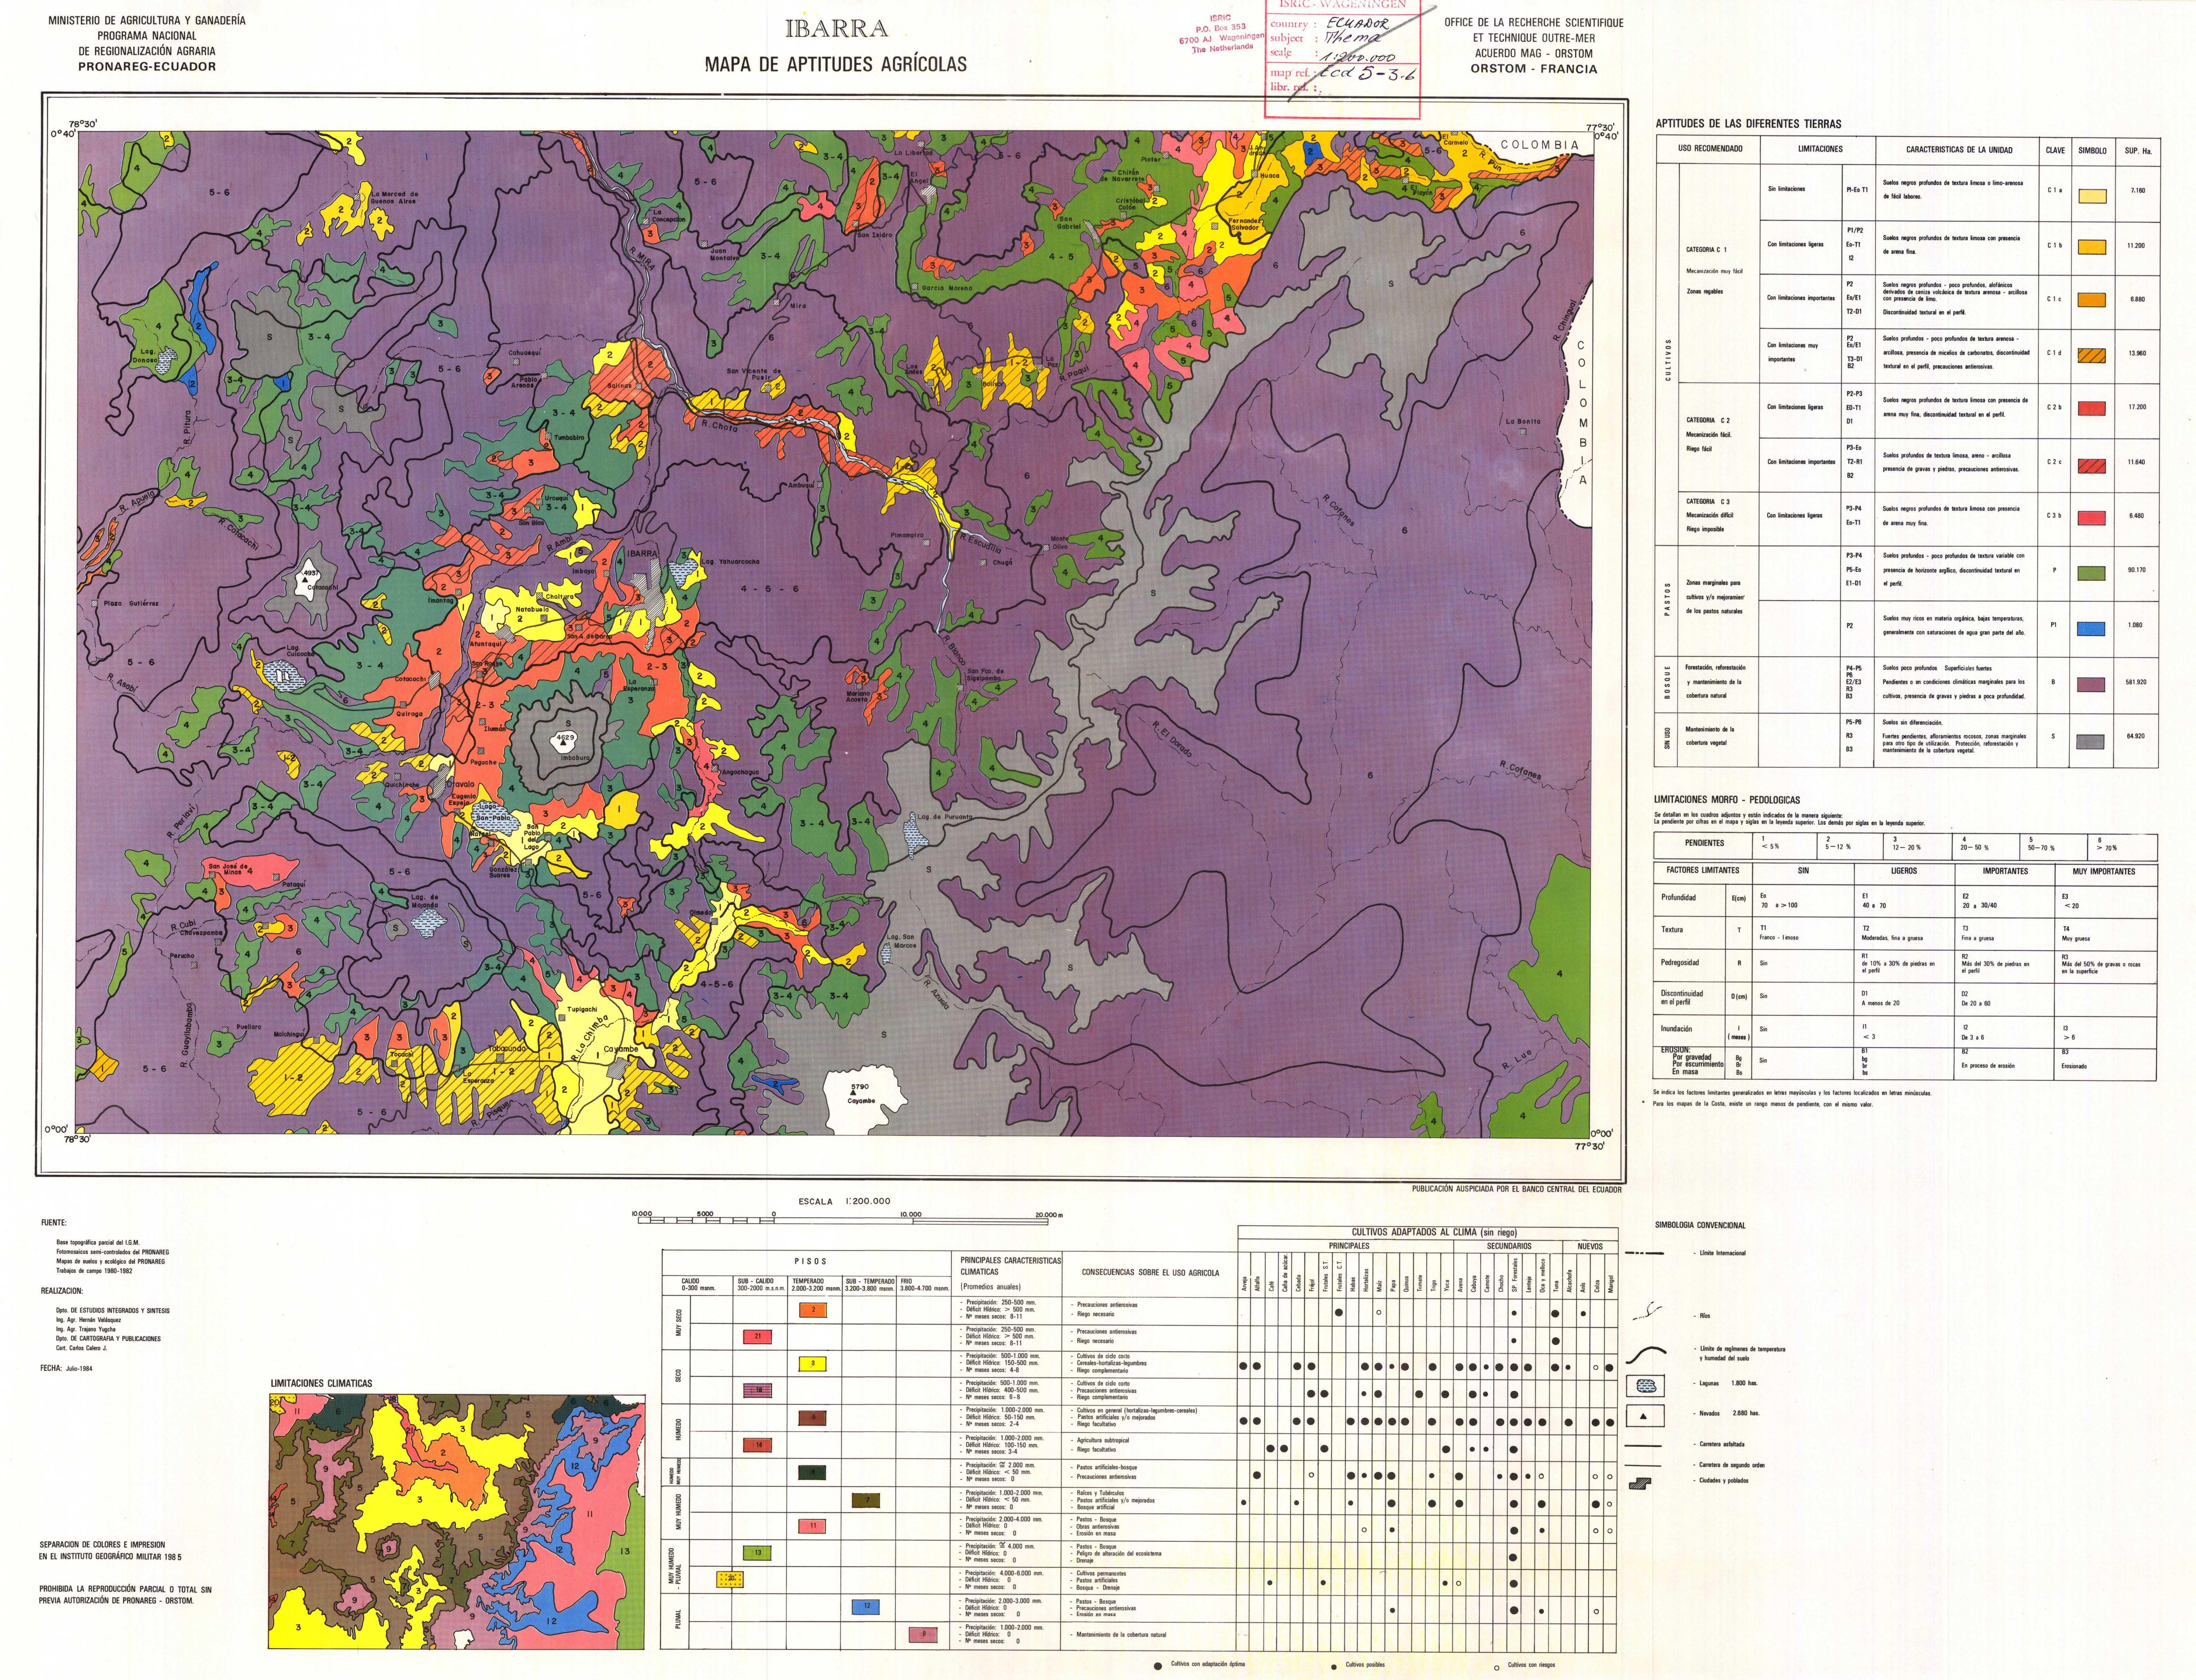 Aptitudes agrícolas de la región de Ibarra 1985